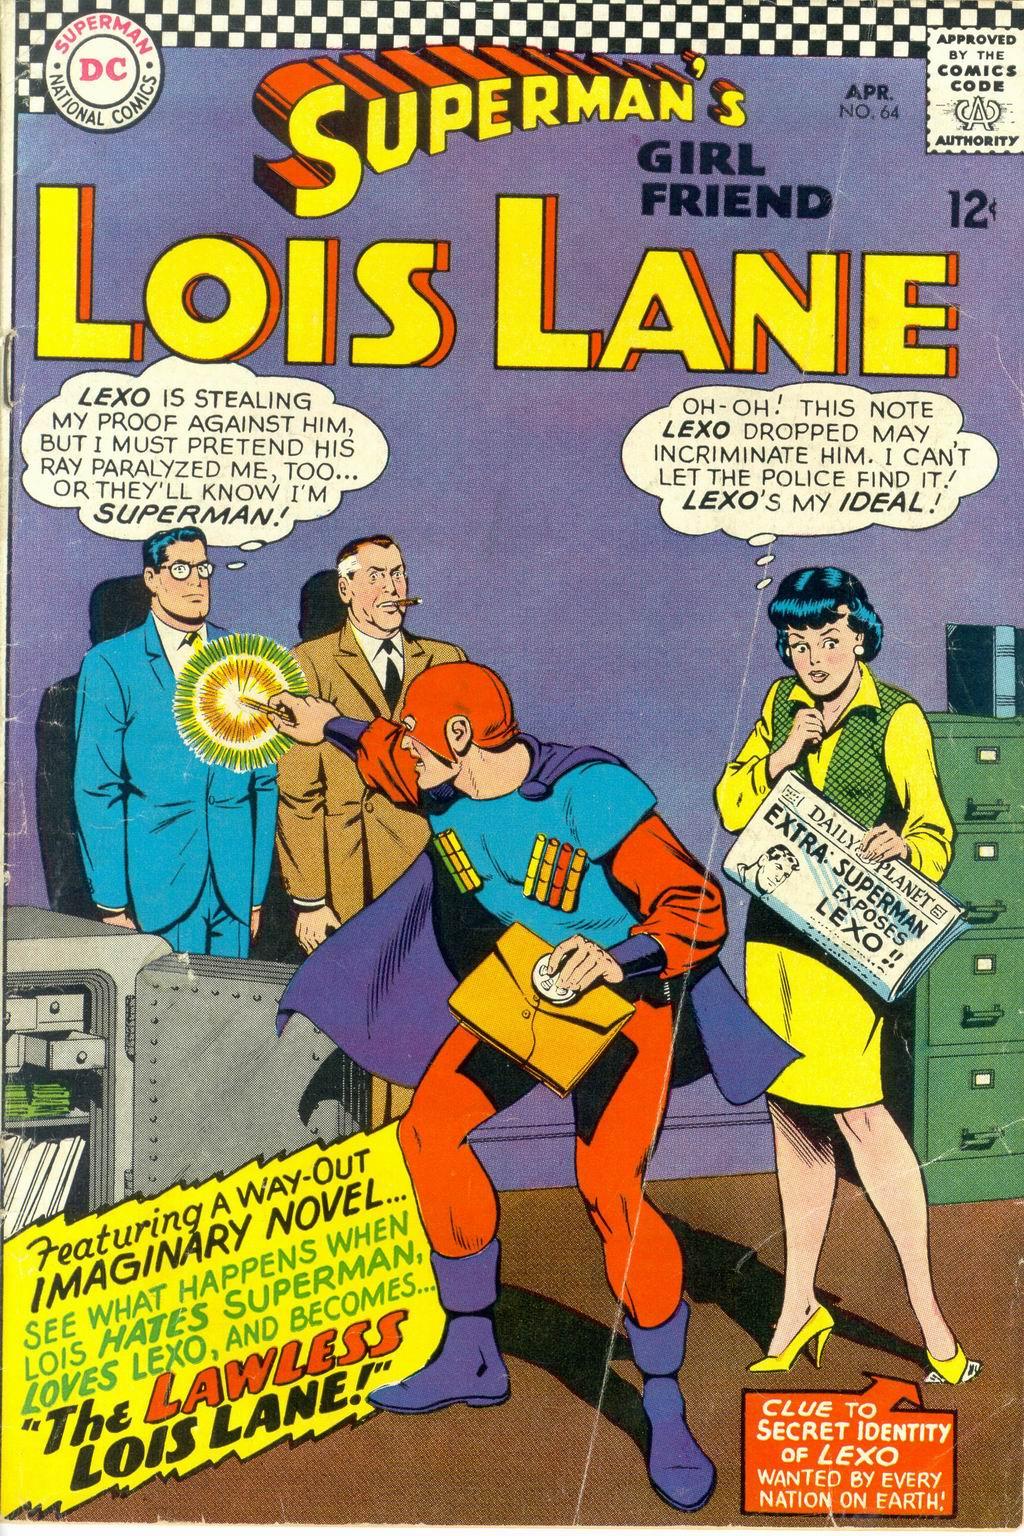 Supermans Girl Friend, Lois Lane 64 Page 1